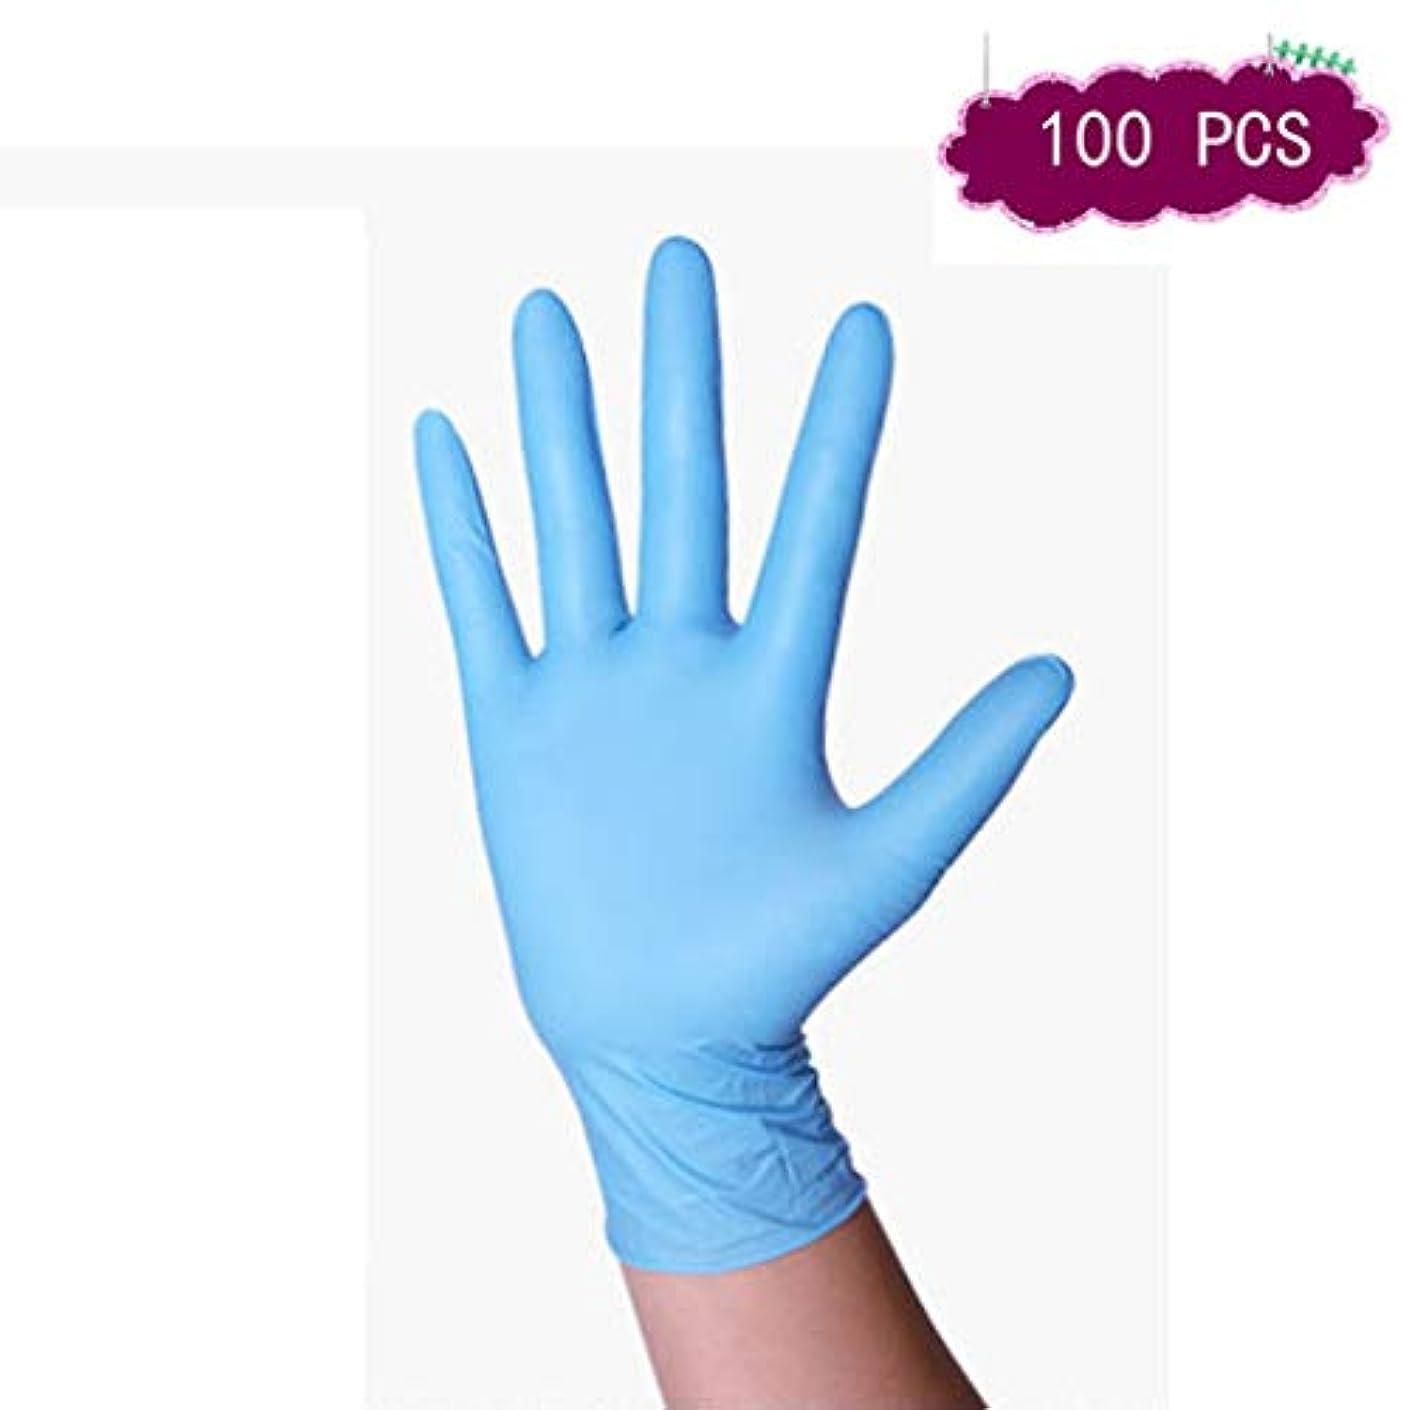 嵐真似る傭兵使い捨てラテックス手袋ニトリルパウダーフリーの耐久性のある青の保護食品研究所のスキッド手袋なしパウダー (Color : 9 inch, Size : L)